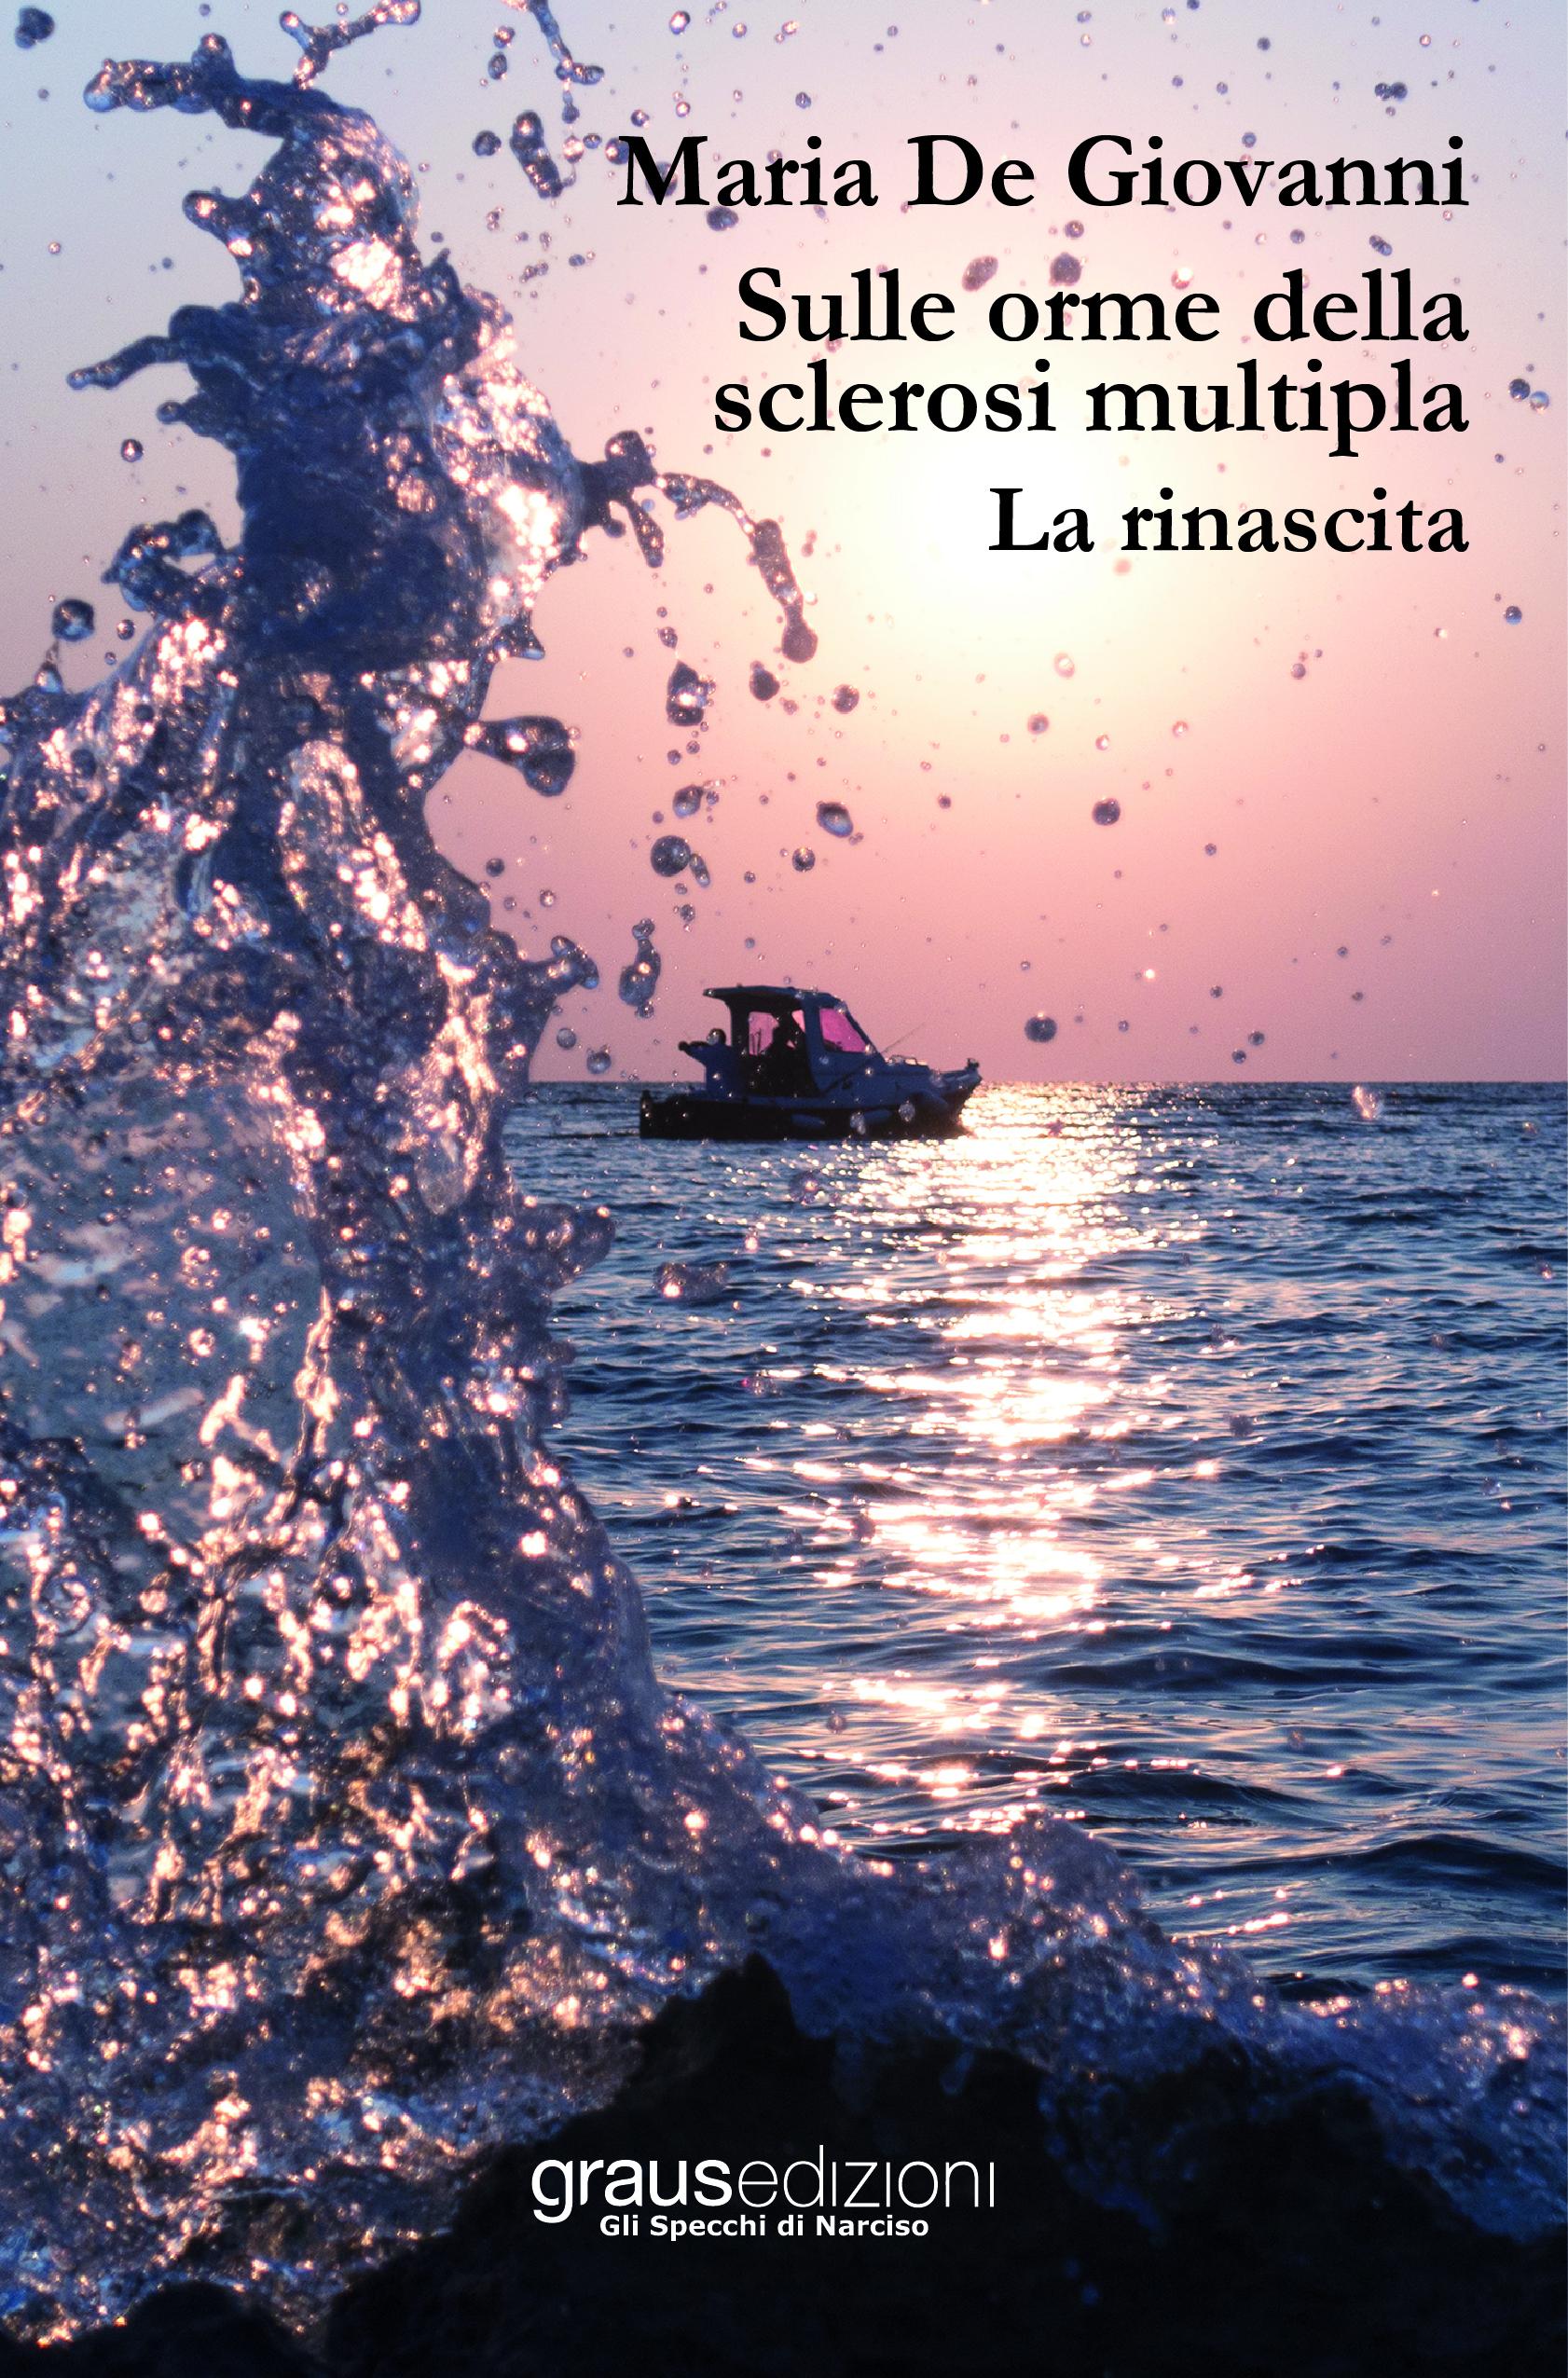 A Salice Salentino la presentazione dl libro di Maria De Giovanni